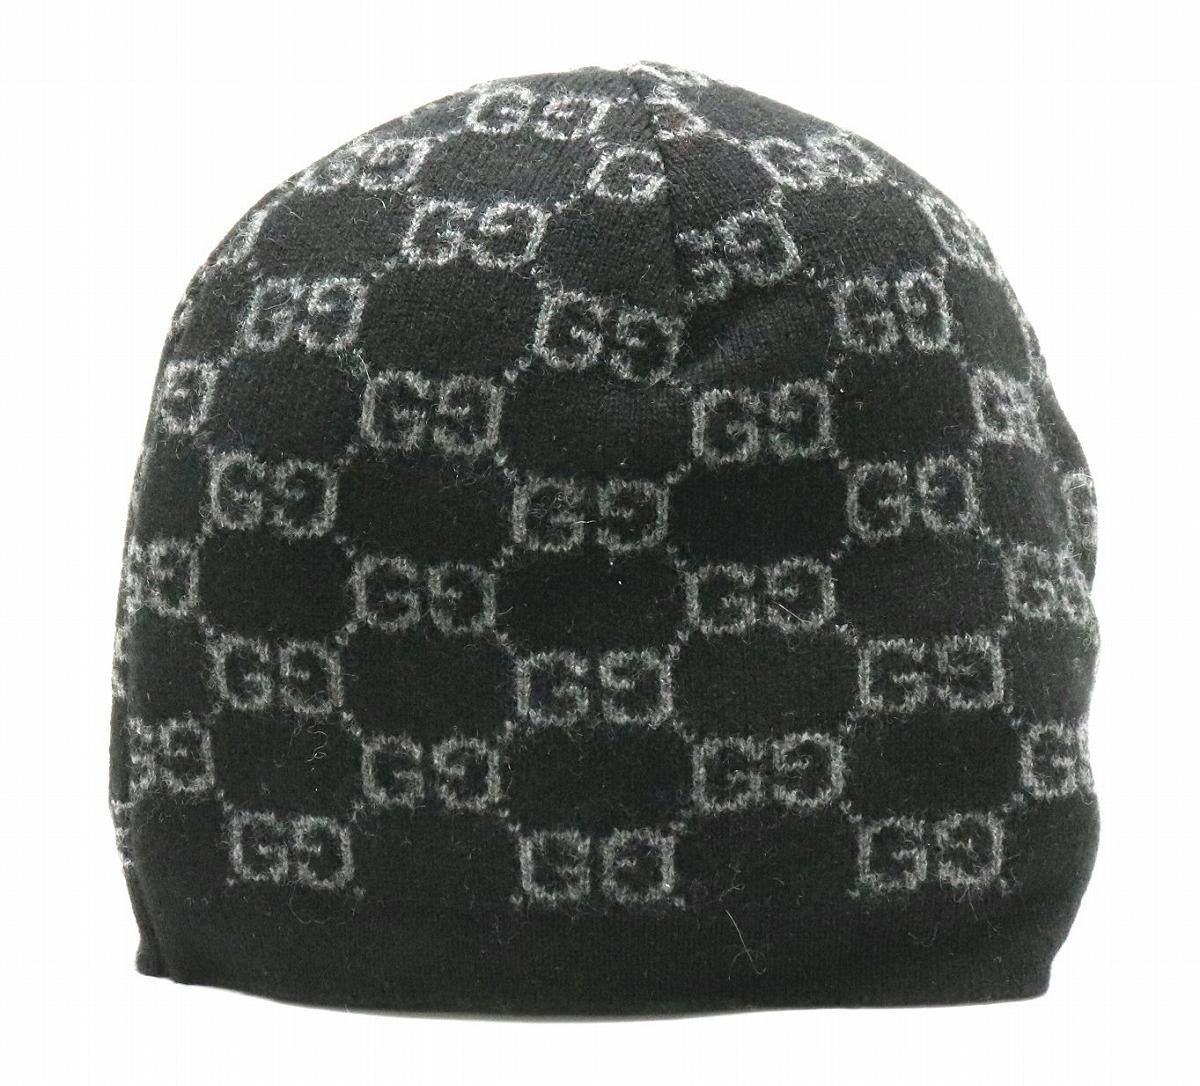 【未使用品】【アパレル】GUCCI グッチ GG ニットキャップ ニット帽 帽子 21cm カシミヤ ブラック 黒 グレー 【中古】【k】